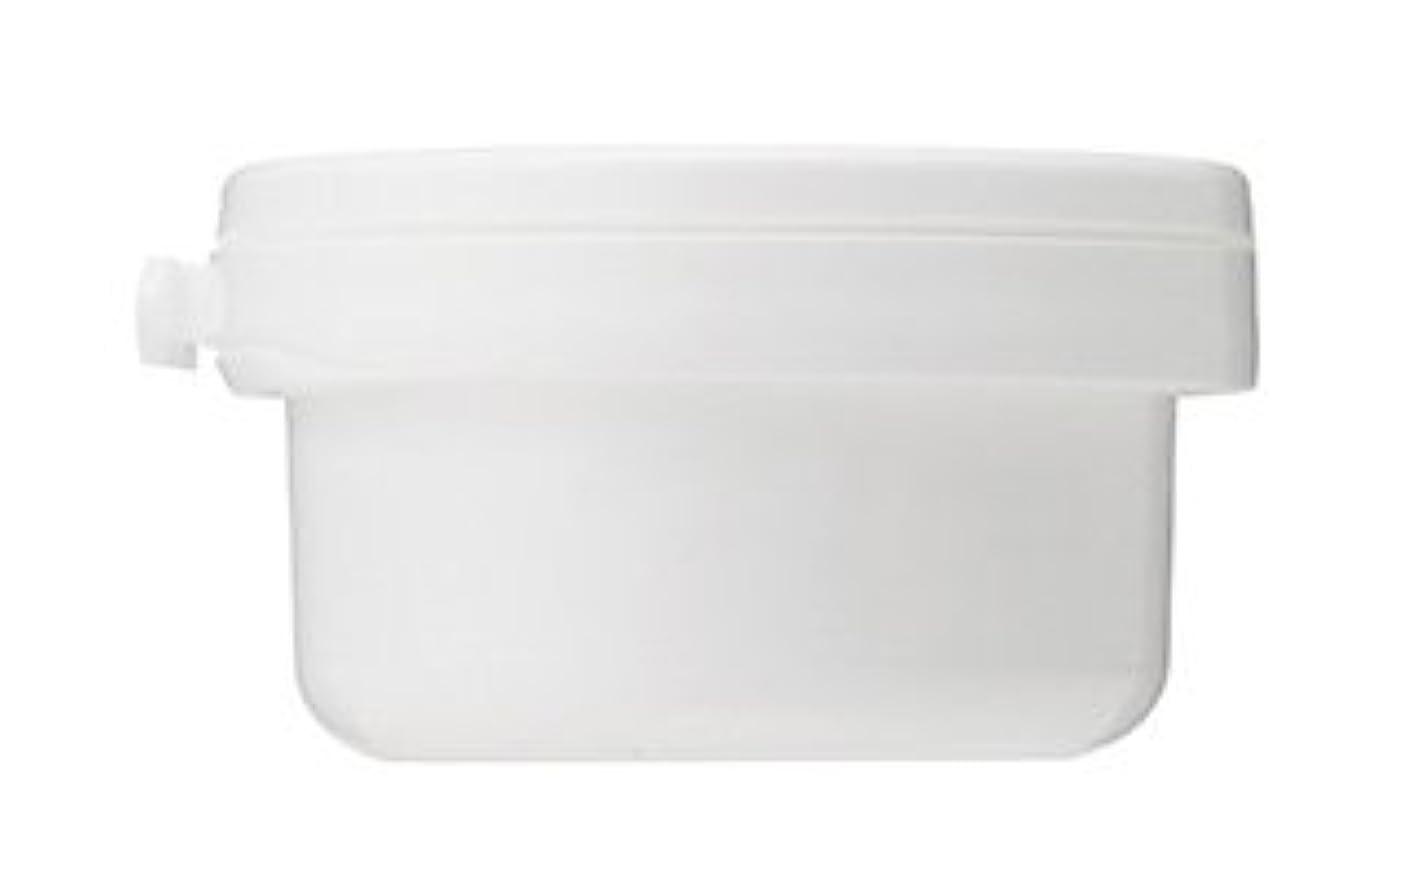 原因順応性のある年金インナップEX 保湿クリーム詰め替え用 (潤い効果アップ) モイスチャークリーム MD レフィル [弱酸性]